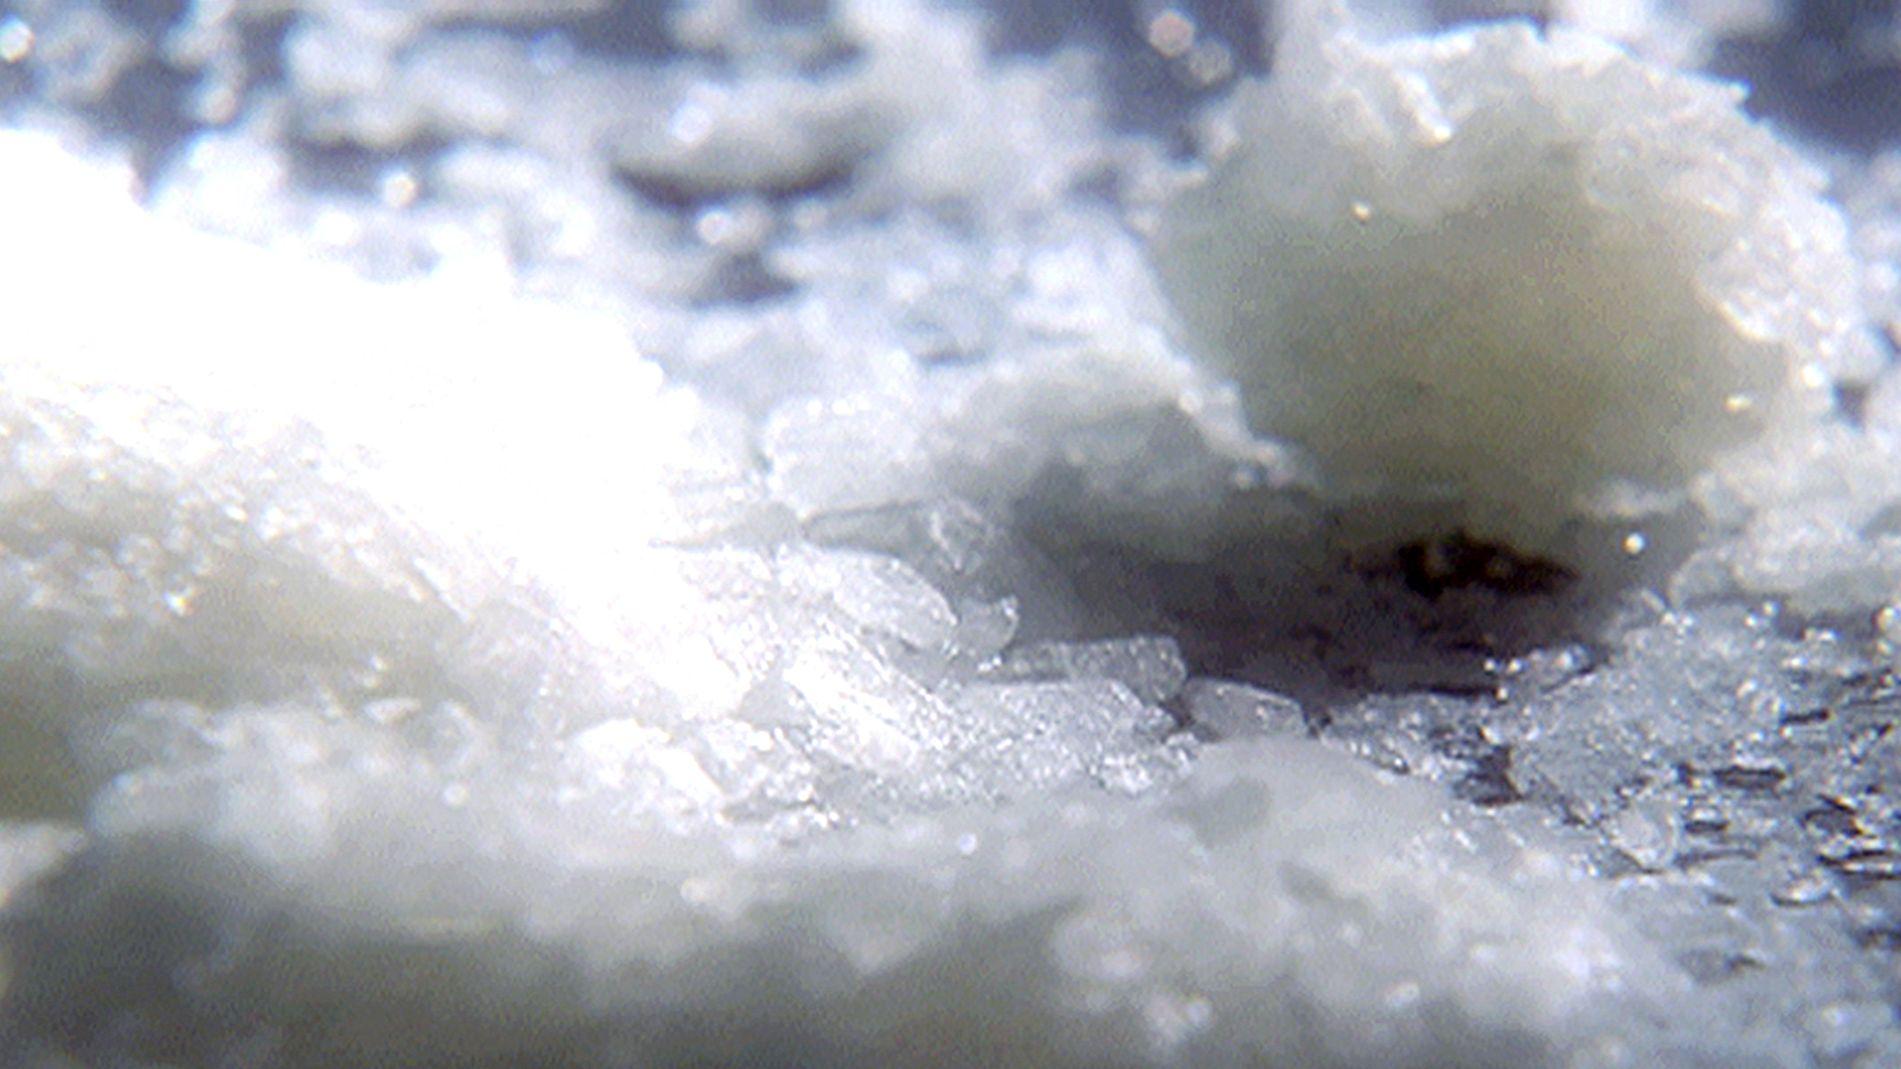 Das weiße Crystal Meth sieht unschuldiger als Heroin